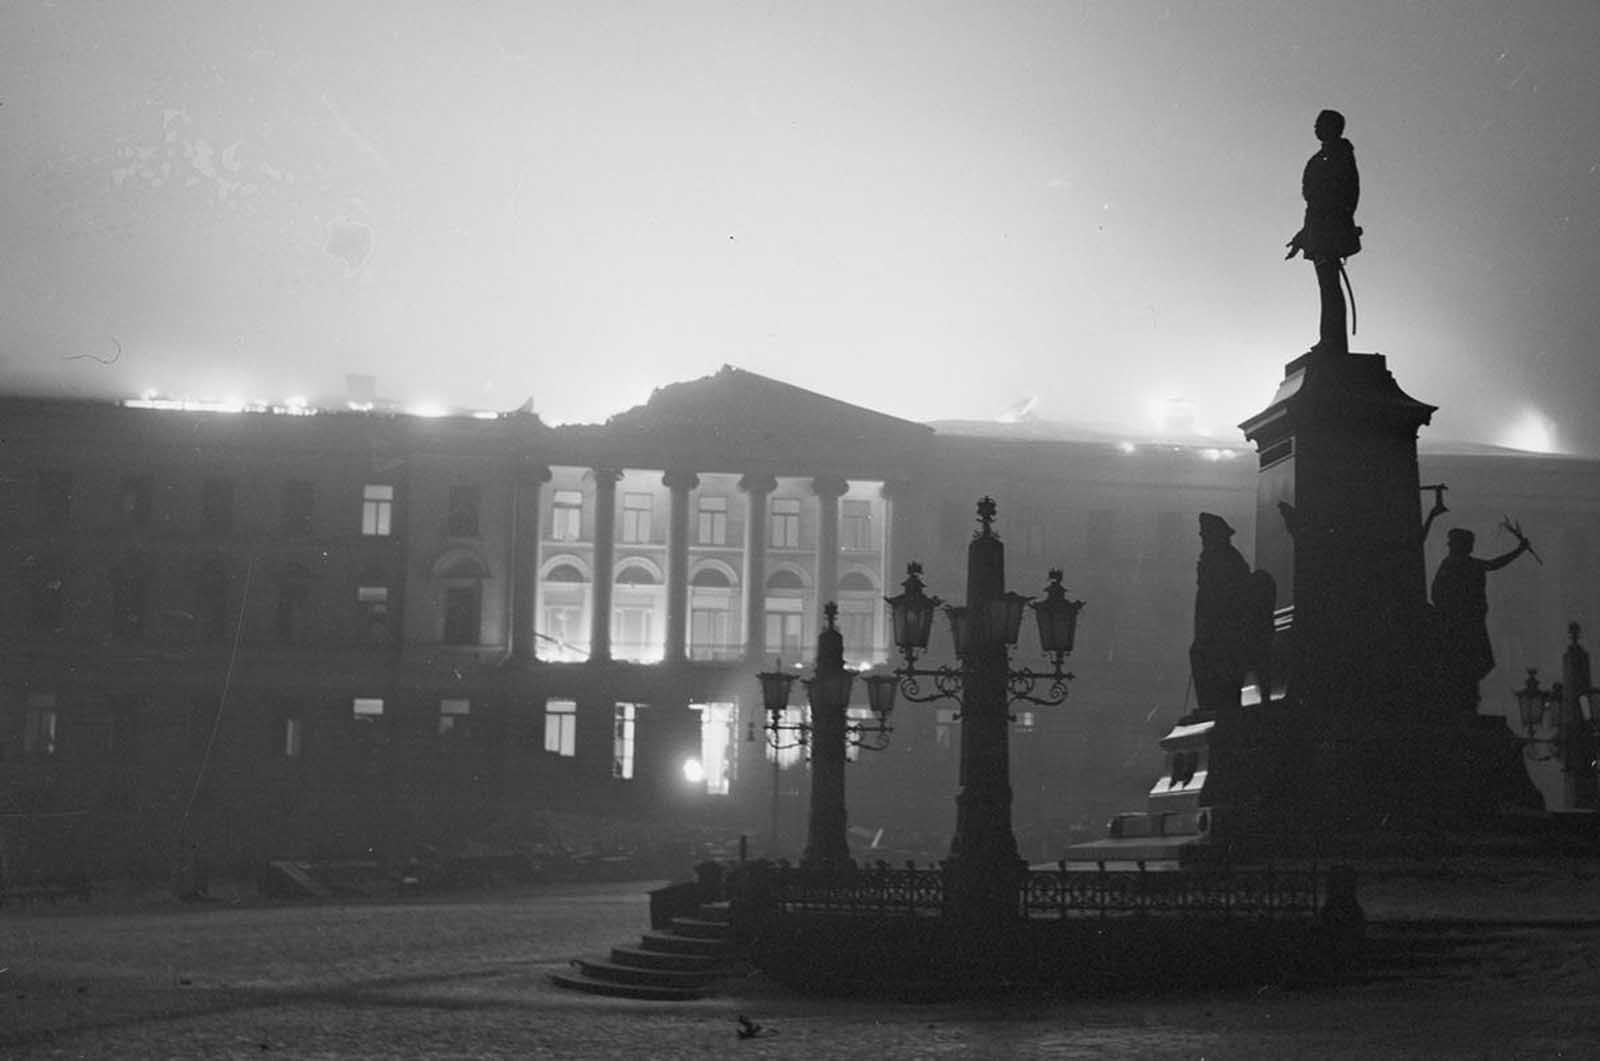 El bombardeo de Helsinki. El edificio principal de la Universidad de Helsinki, en la Plaza del Senado, arde durante la noche.